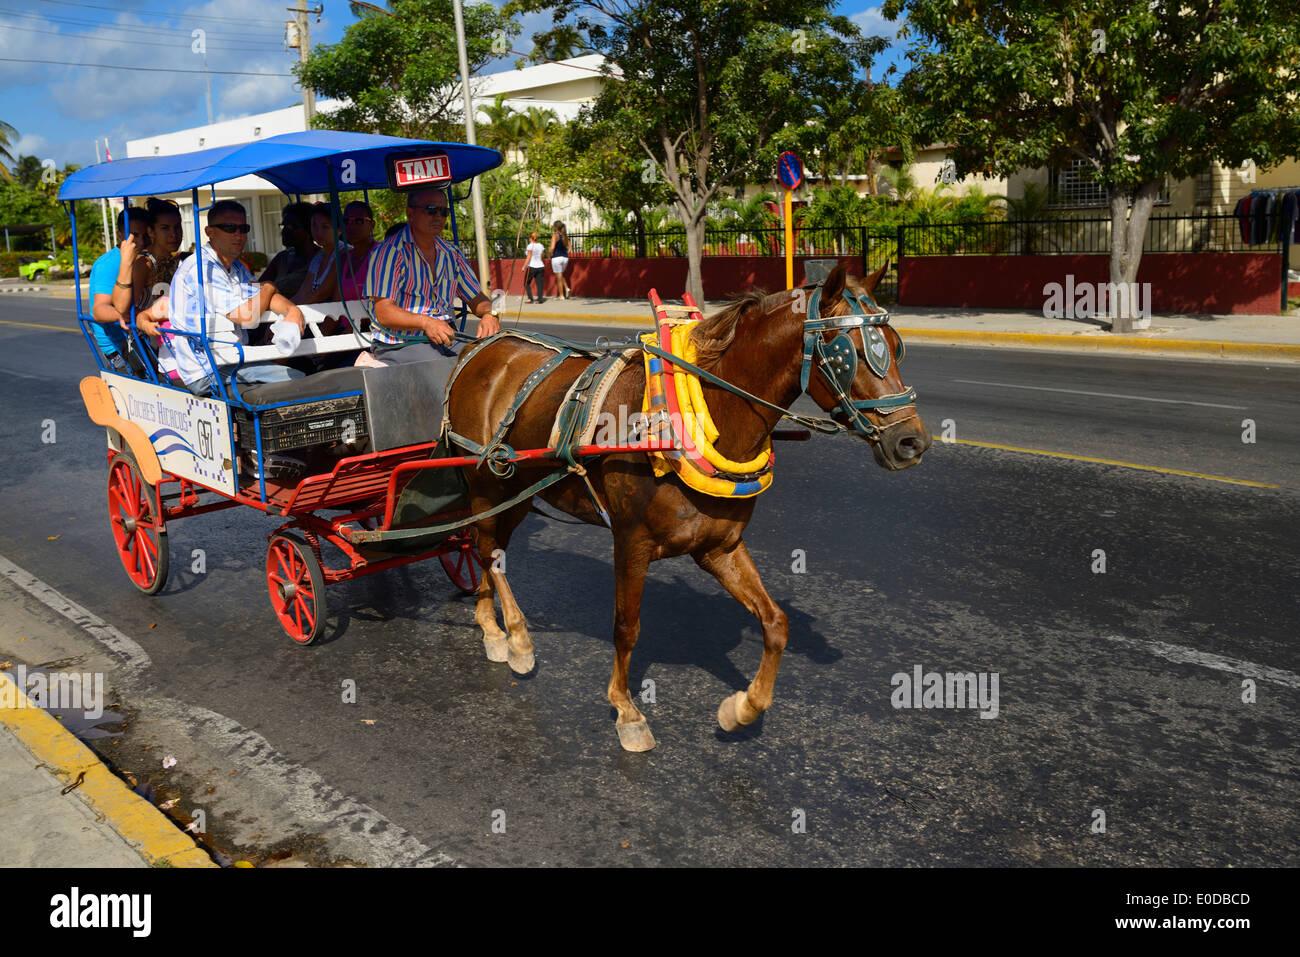 Pferdegespann taxi mit Touristen auf der Straße im Zentrum von Varadero Kuba Stockbild